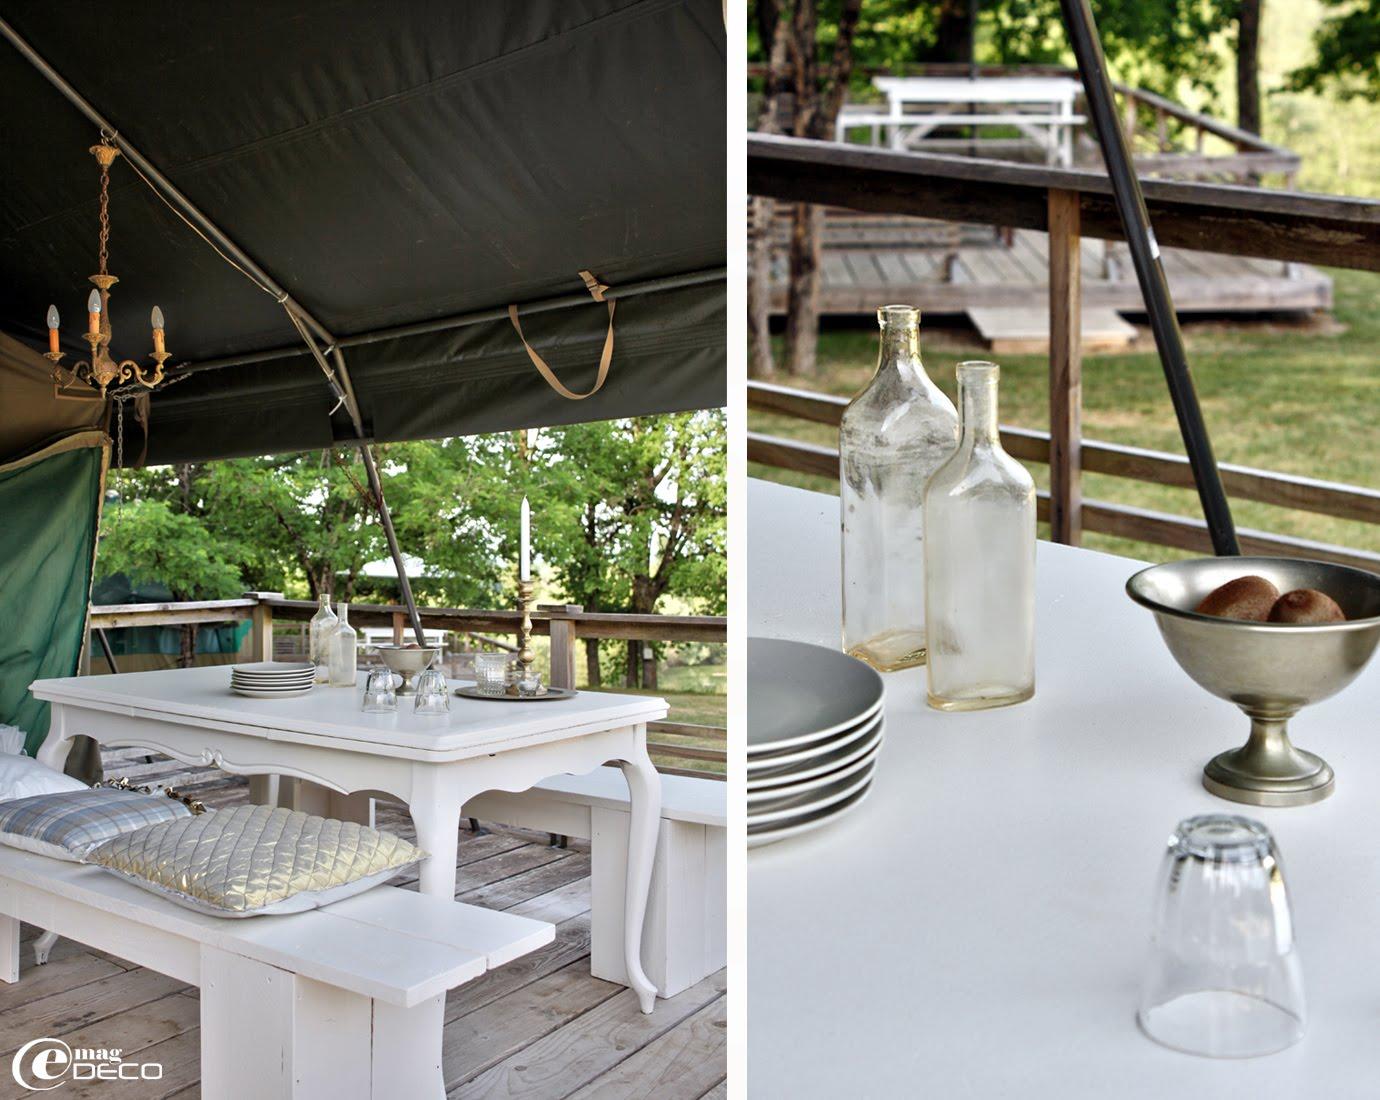 Sur la terrasse en bois d'une tente familiale, une table chinée a été repeinte